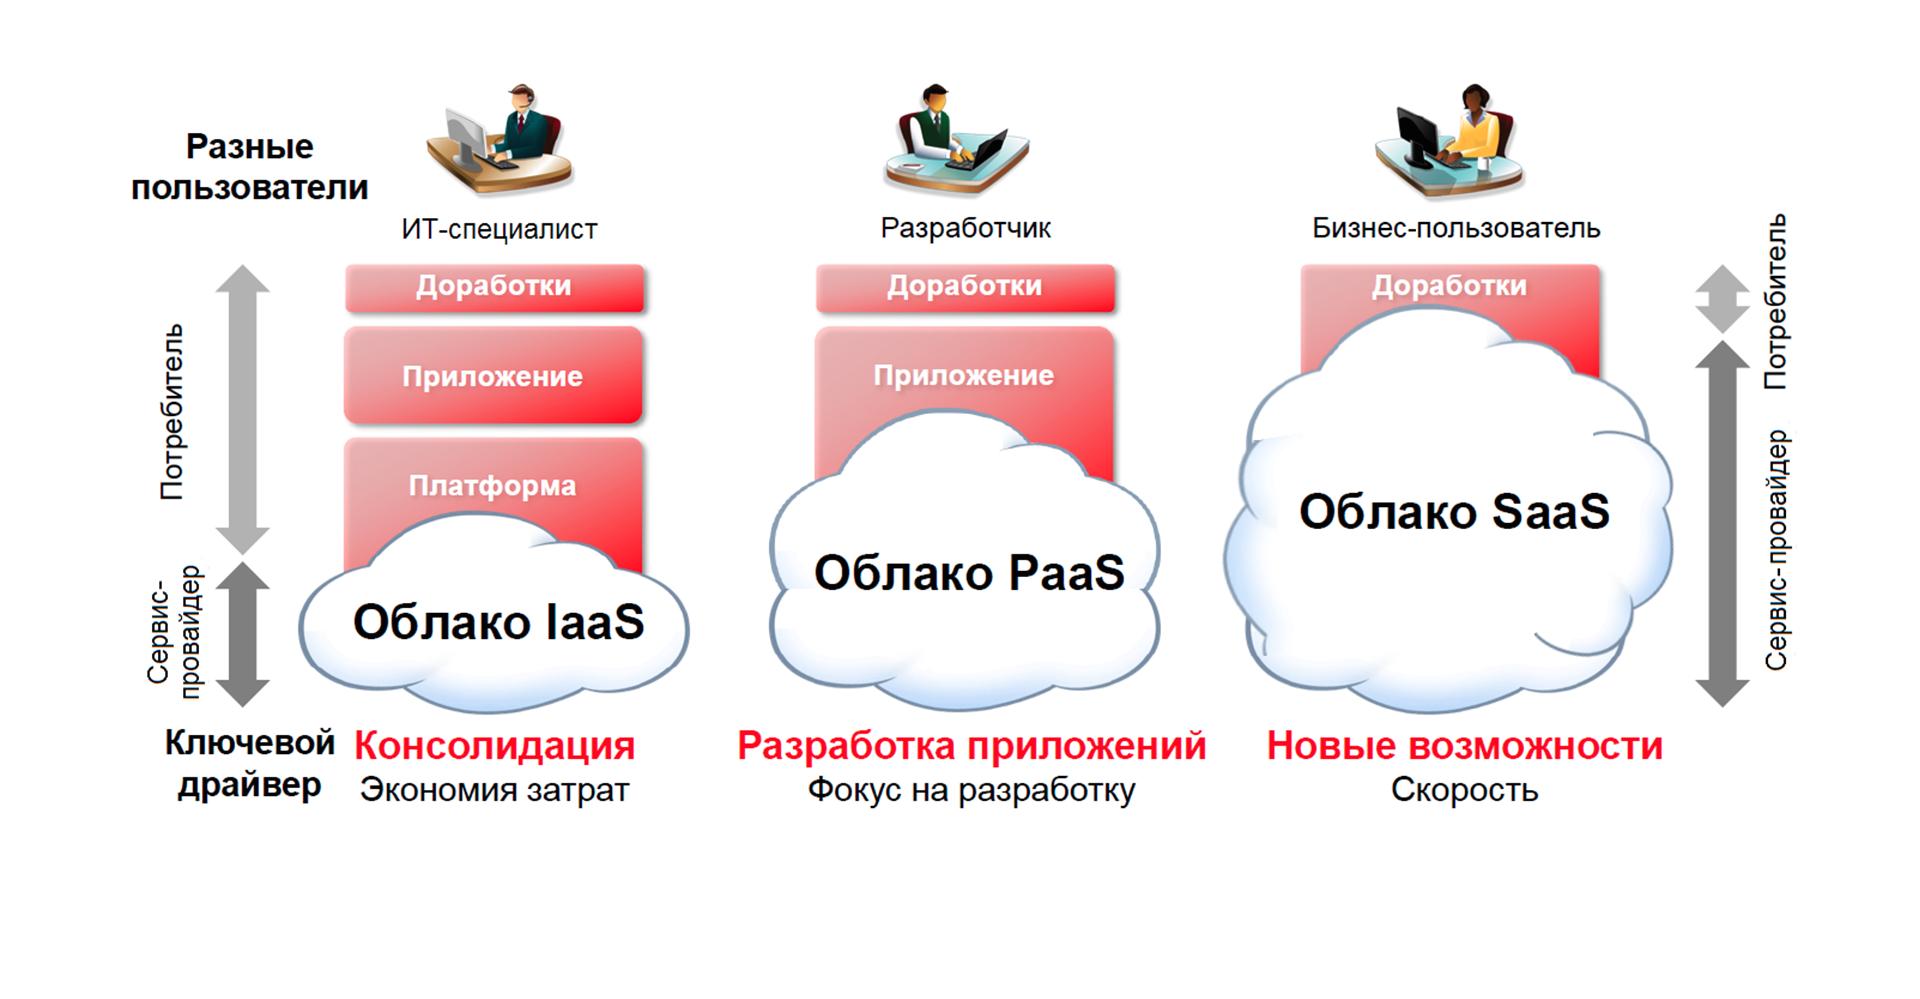 Что такое облачные вычисления? как работает облачная технология? | портал о системах видеонаблюдения и безопасности